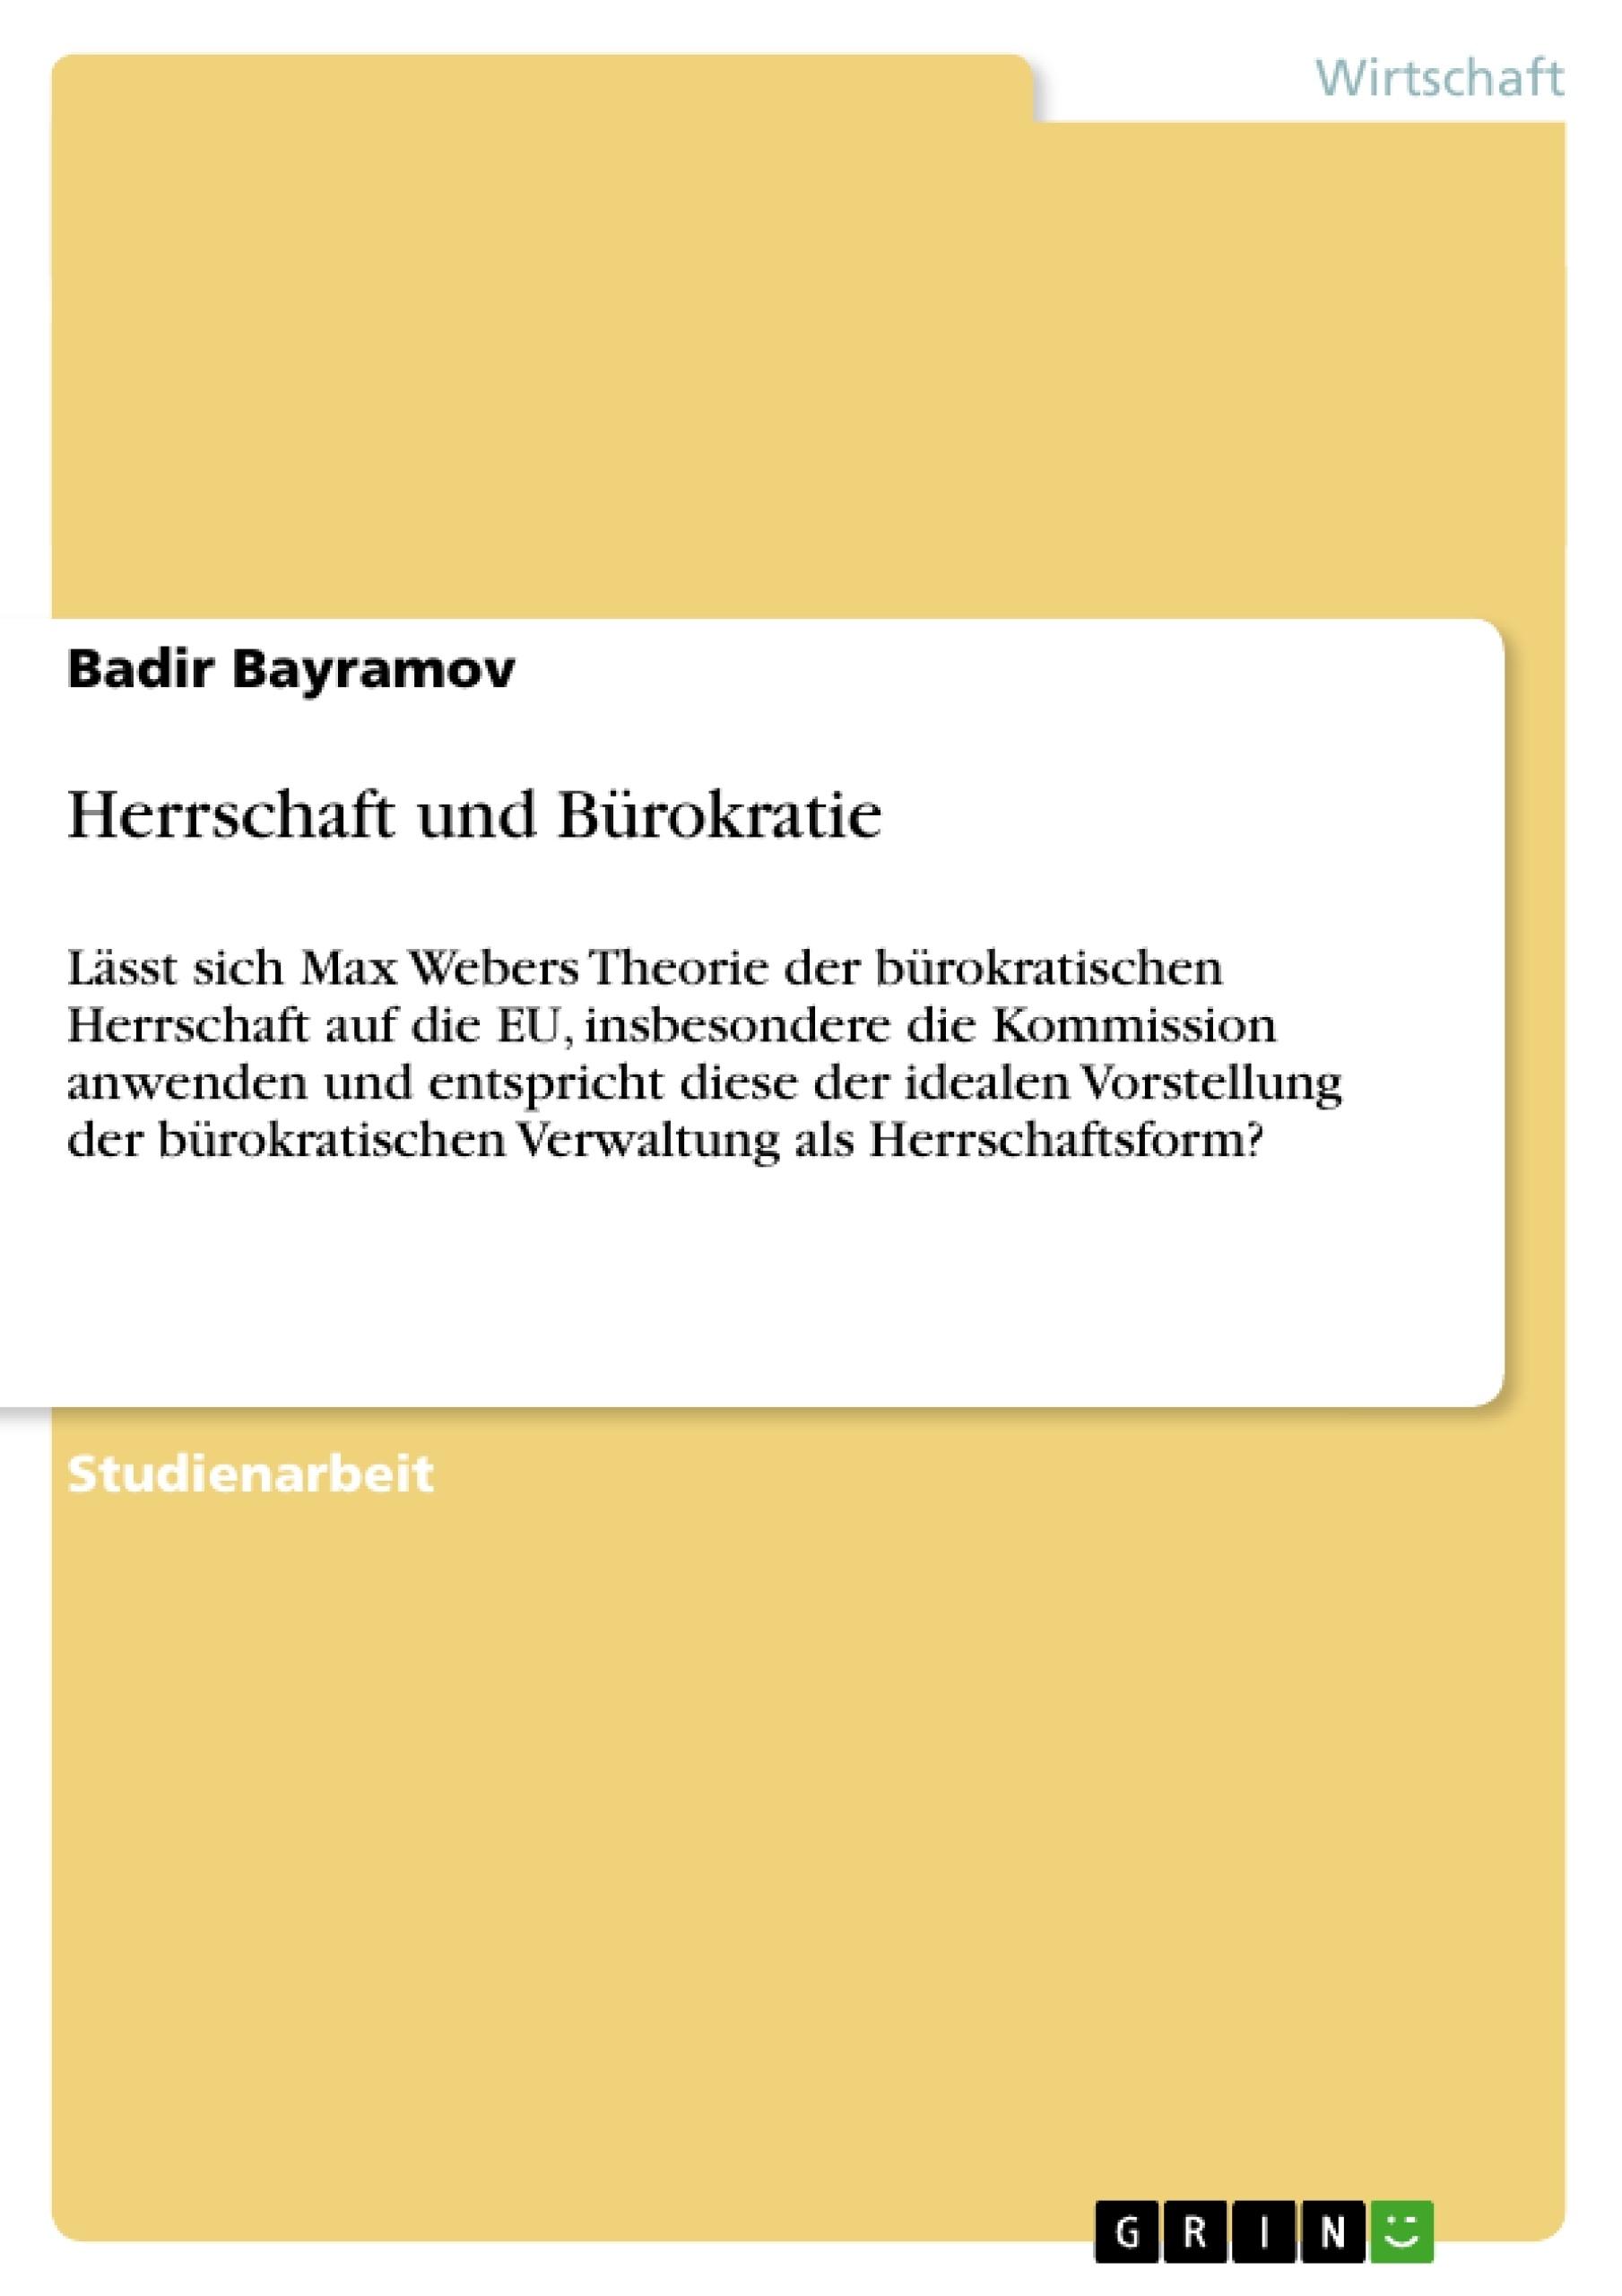 Titel: Herrschaft und Bürokratie